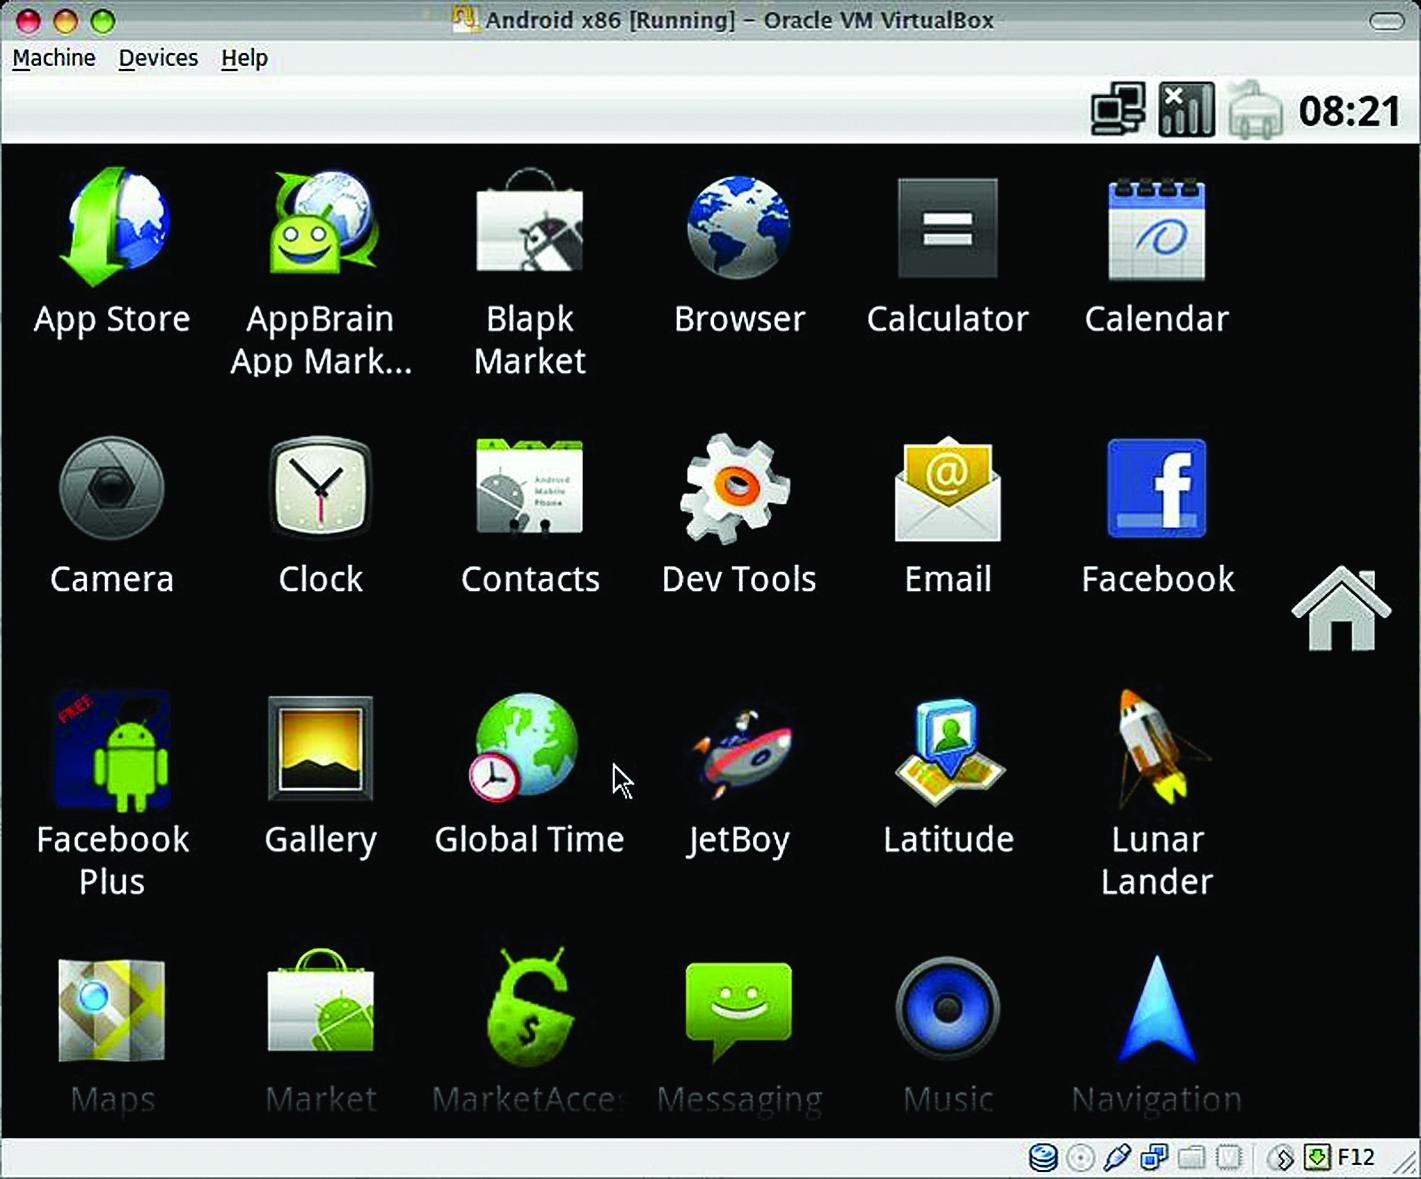 Android-x86, запущенный под VirtuaBox, нахорошем компьютере работает примерно вдва раза быстрее, чем смартфон Nexus One!